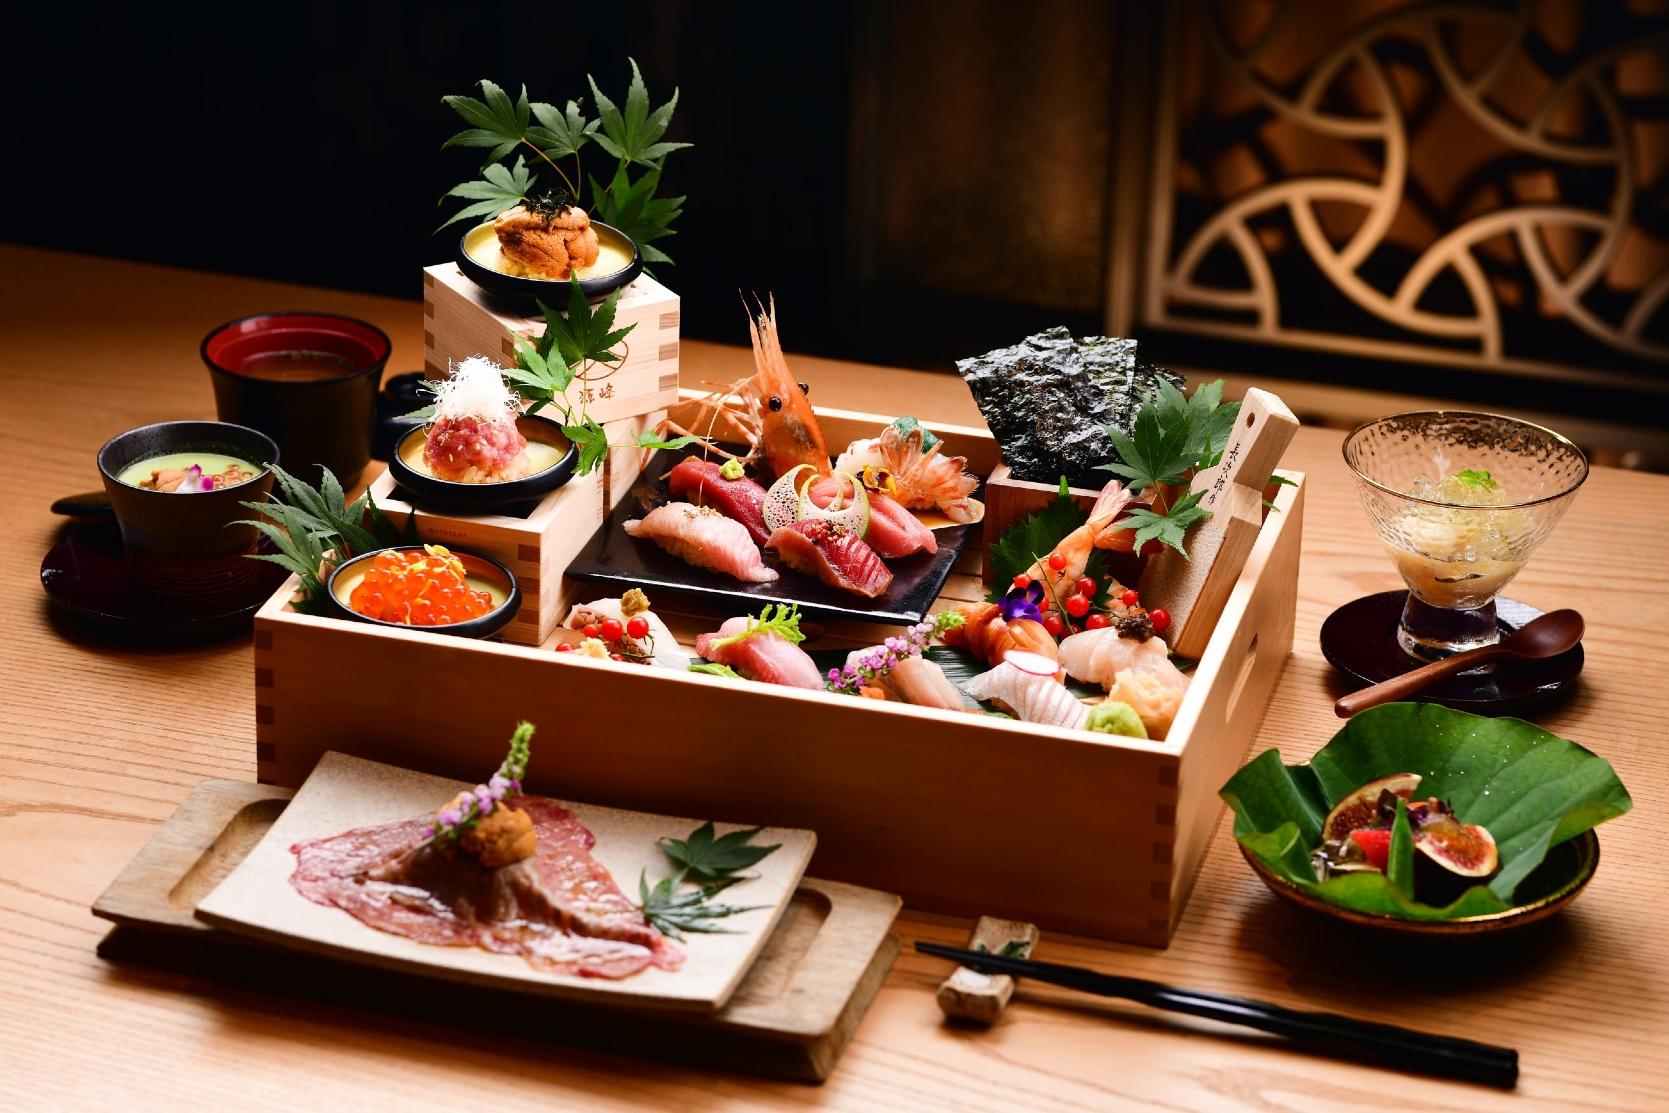 DinnerOmakaseSet1cropped